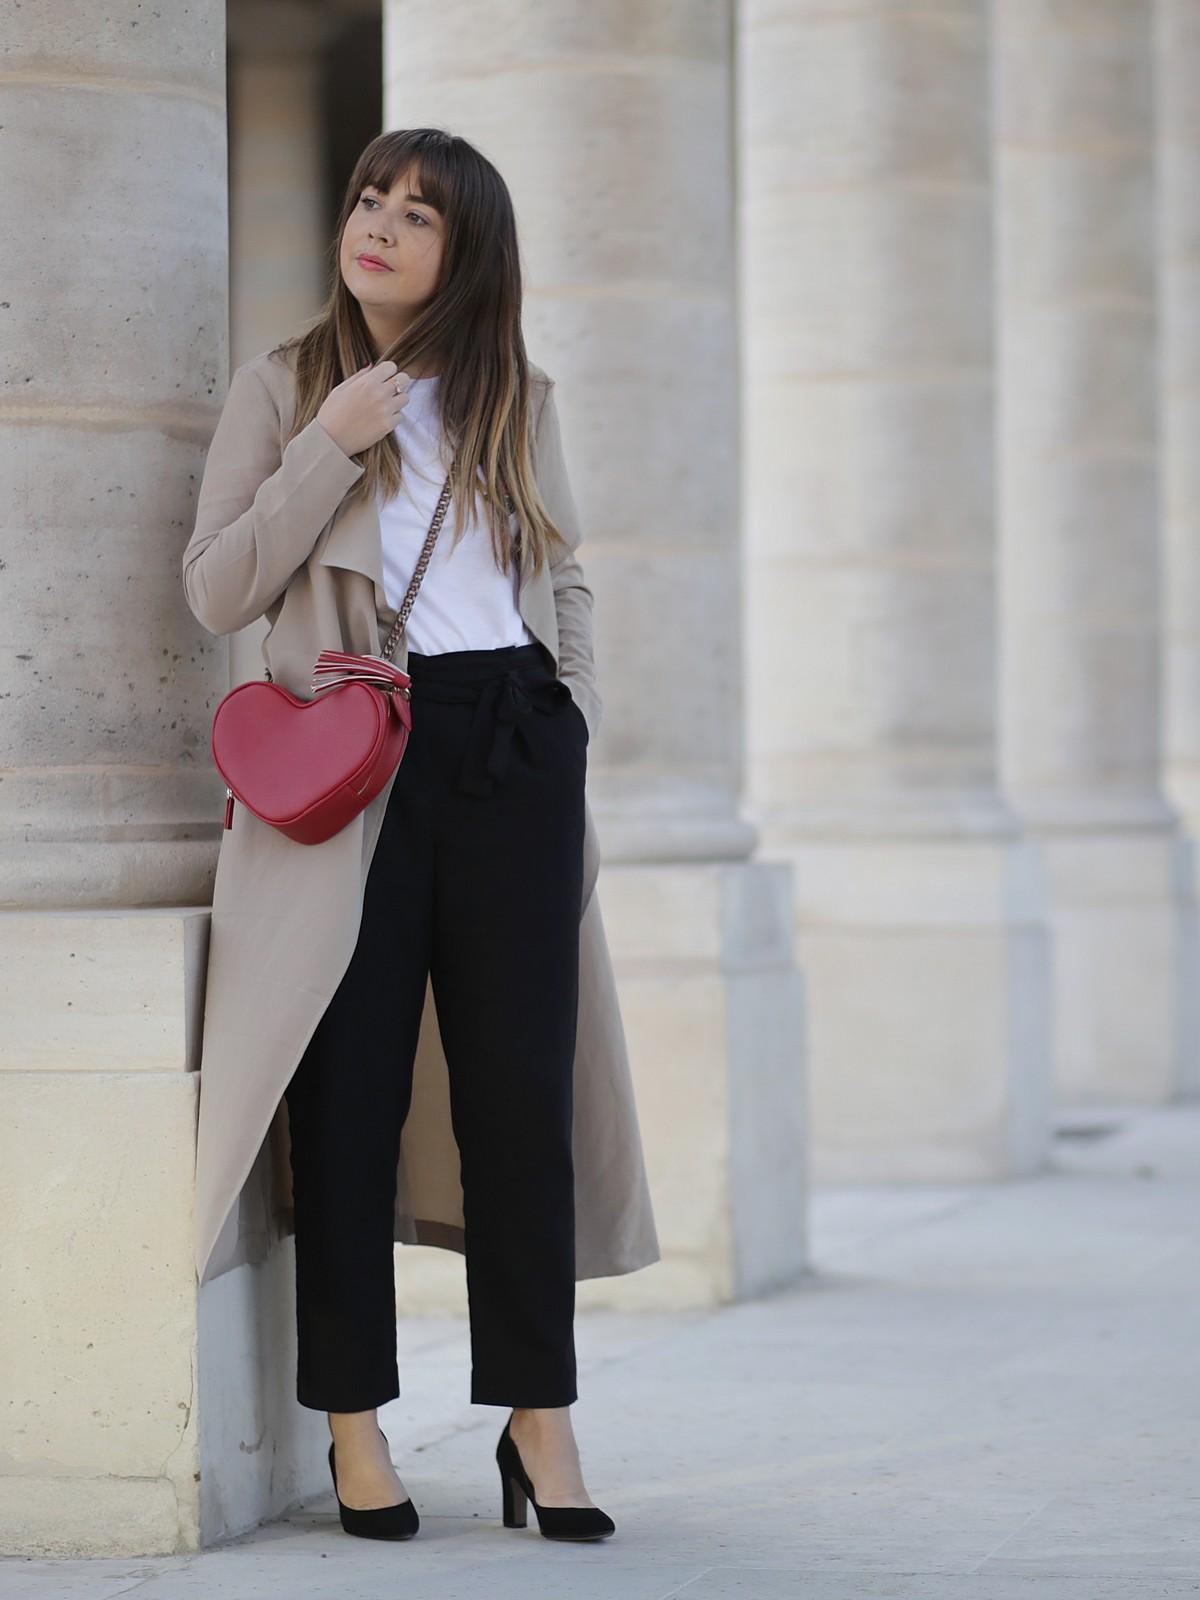 tendance broderie - tshirt broderie - shein - du style madame - streetstyle - parisienne